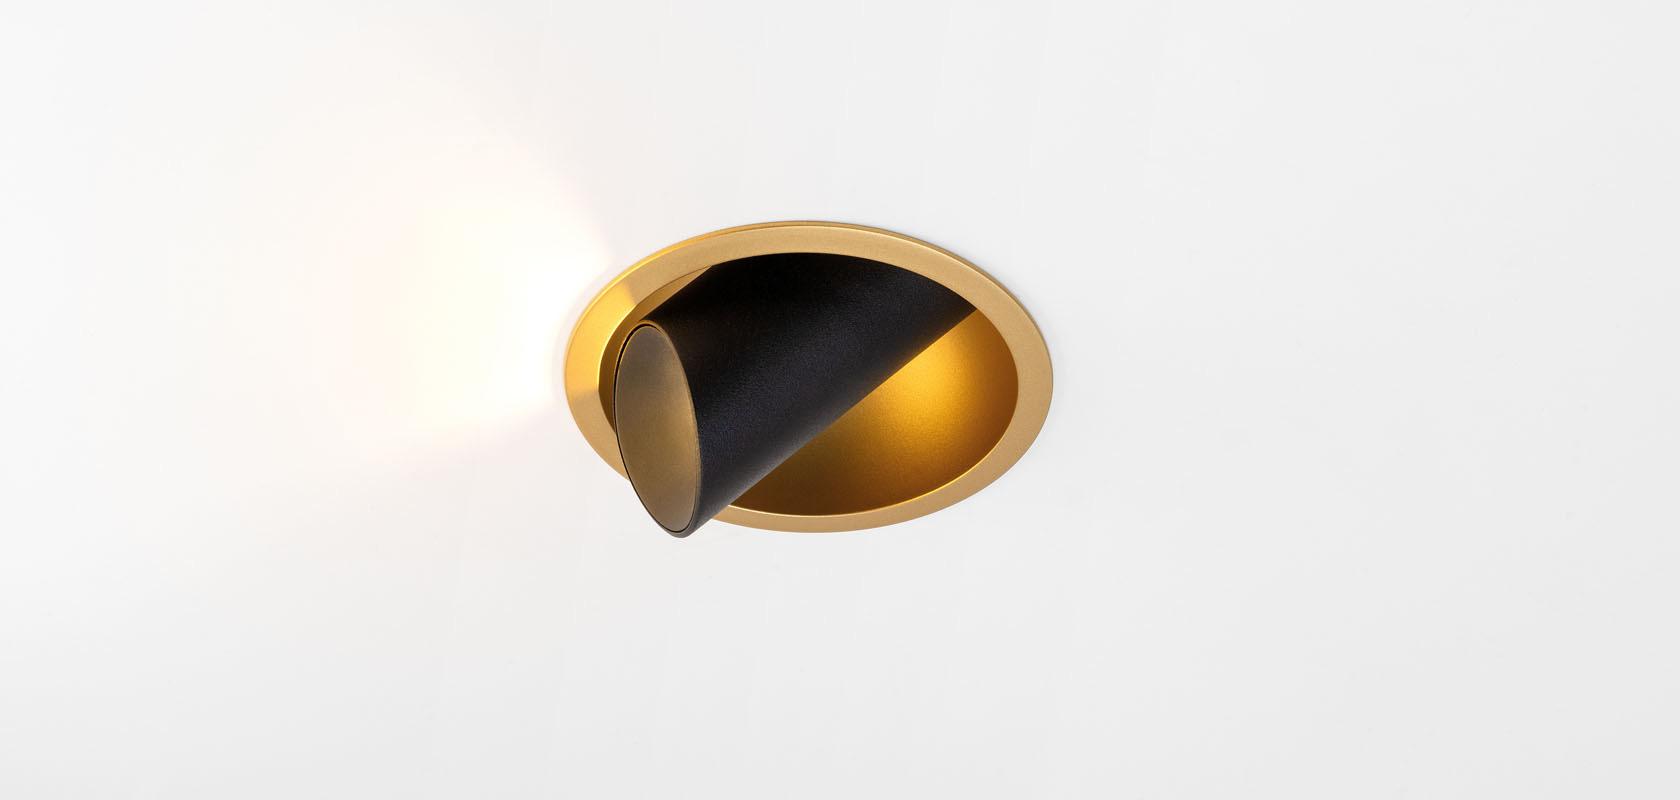 Süvisvalgusti Hollow LED 8,5W 351/474lm 350/500mA 3000K 30° läätsega, suunatav h360° v90°, must/kuldne